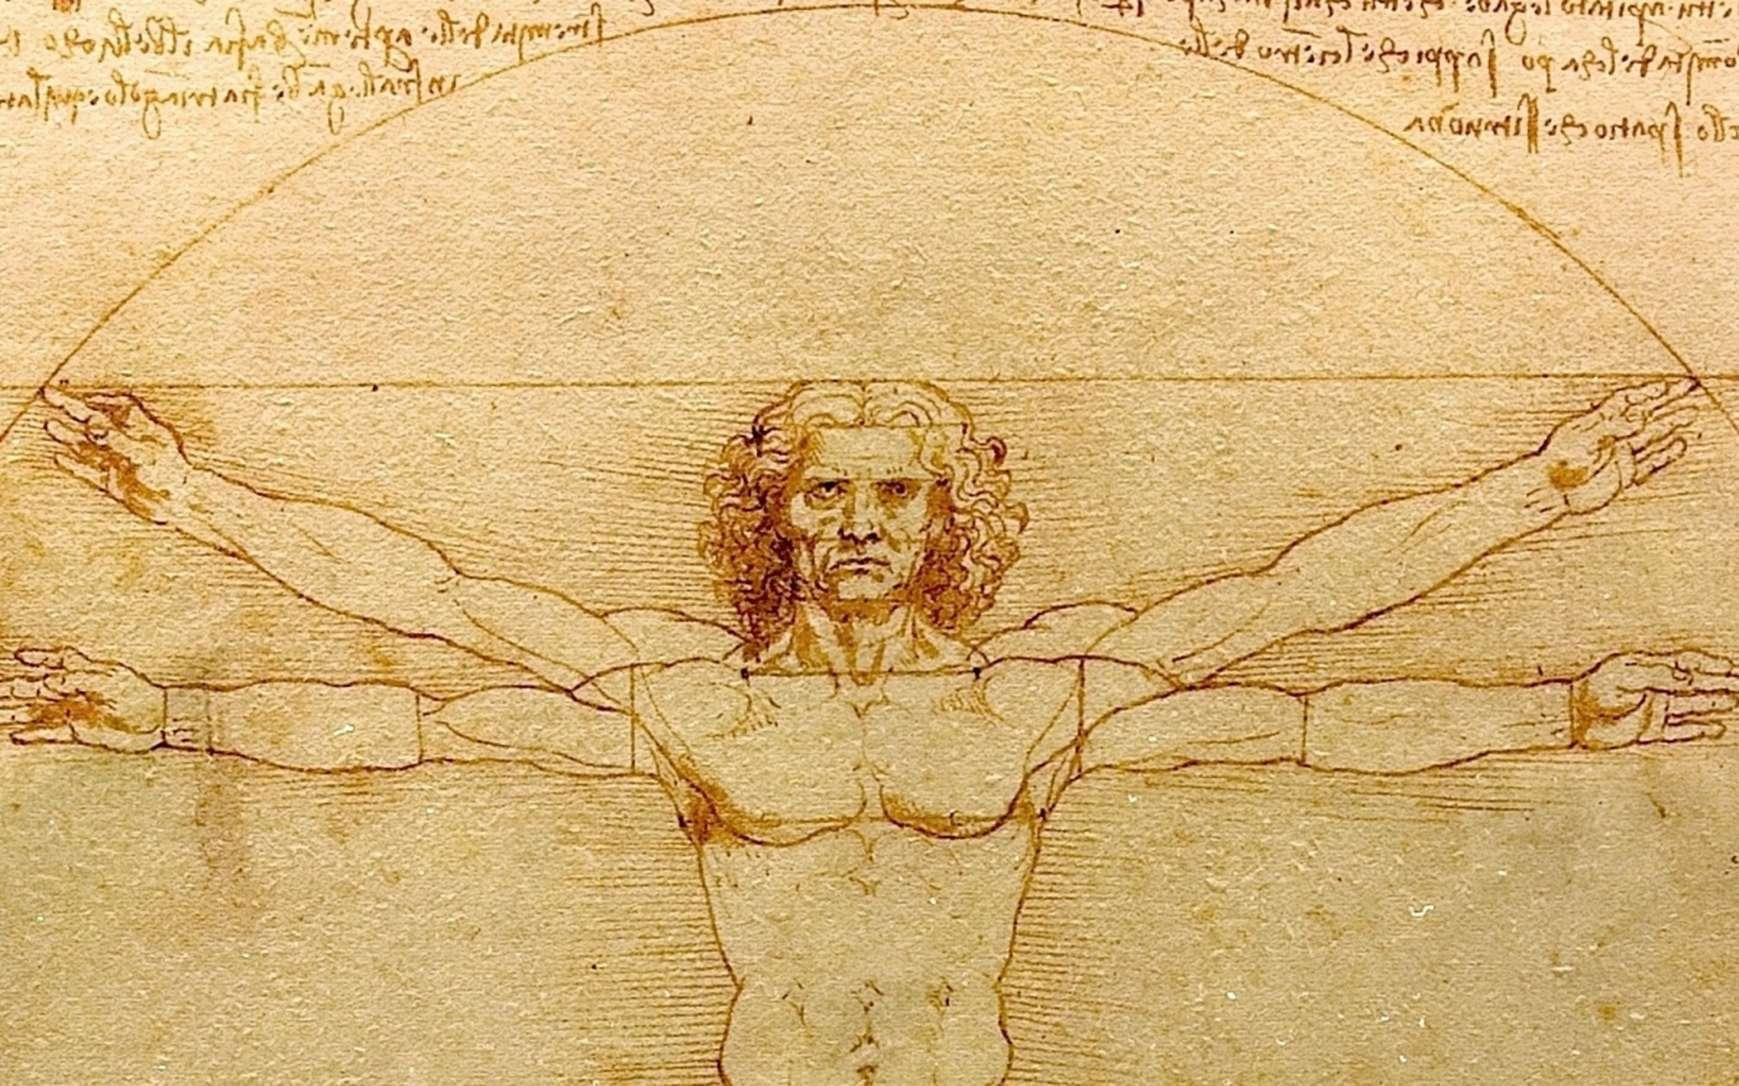 Un détail de la fresque de Vasari avec le fameux « cerce trova » indiquant peut-être la fresque perdue de Léonard. © Luc Viatour, DP